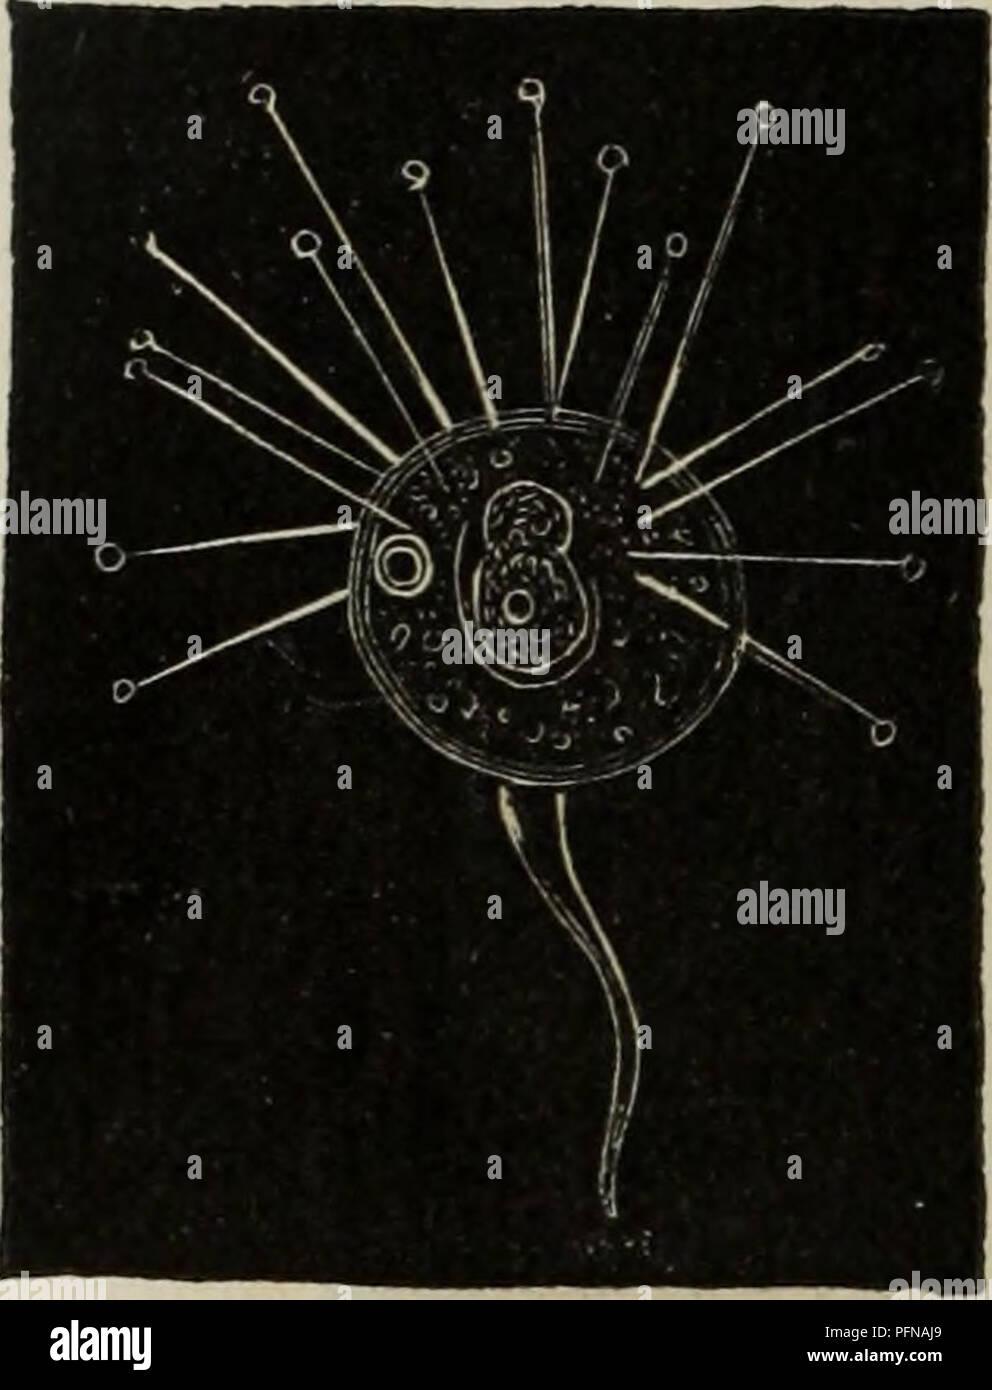 . Delle funzioni riproduttive degli animali in complemento all'edizione italiana del corso elementare di zoologia del signor Milne Edwards. Animals - Reproduction; Zoology. 14 ZOOLOGIA. corpo materno (fig. 7), ne esce quindi, e si sviluppa per proprio conto (*). Molti altri in- fusorj vorticelli formi (gli Epìsty- lis, le opercularie) pervengono ad uno stadio di acineta, raggiunto il quale generano dando origine ad un unico prodotto. Se e quanto ripetano queste generazioni, non è ancora ben noto; come non si è ancora ben in chiaro dei rap- porti che questo secondo modo di generazione tiene col - Stock Image